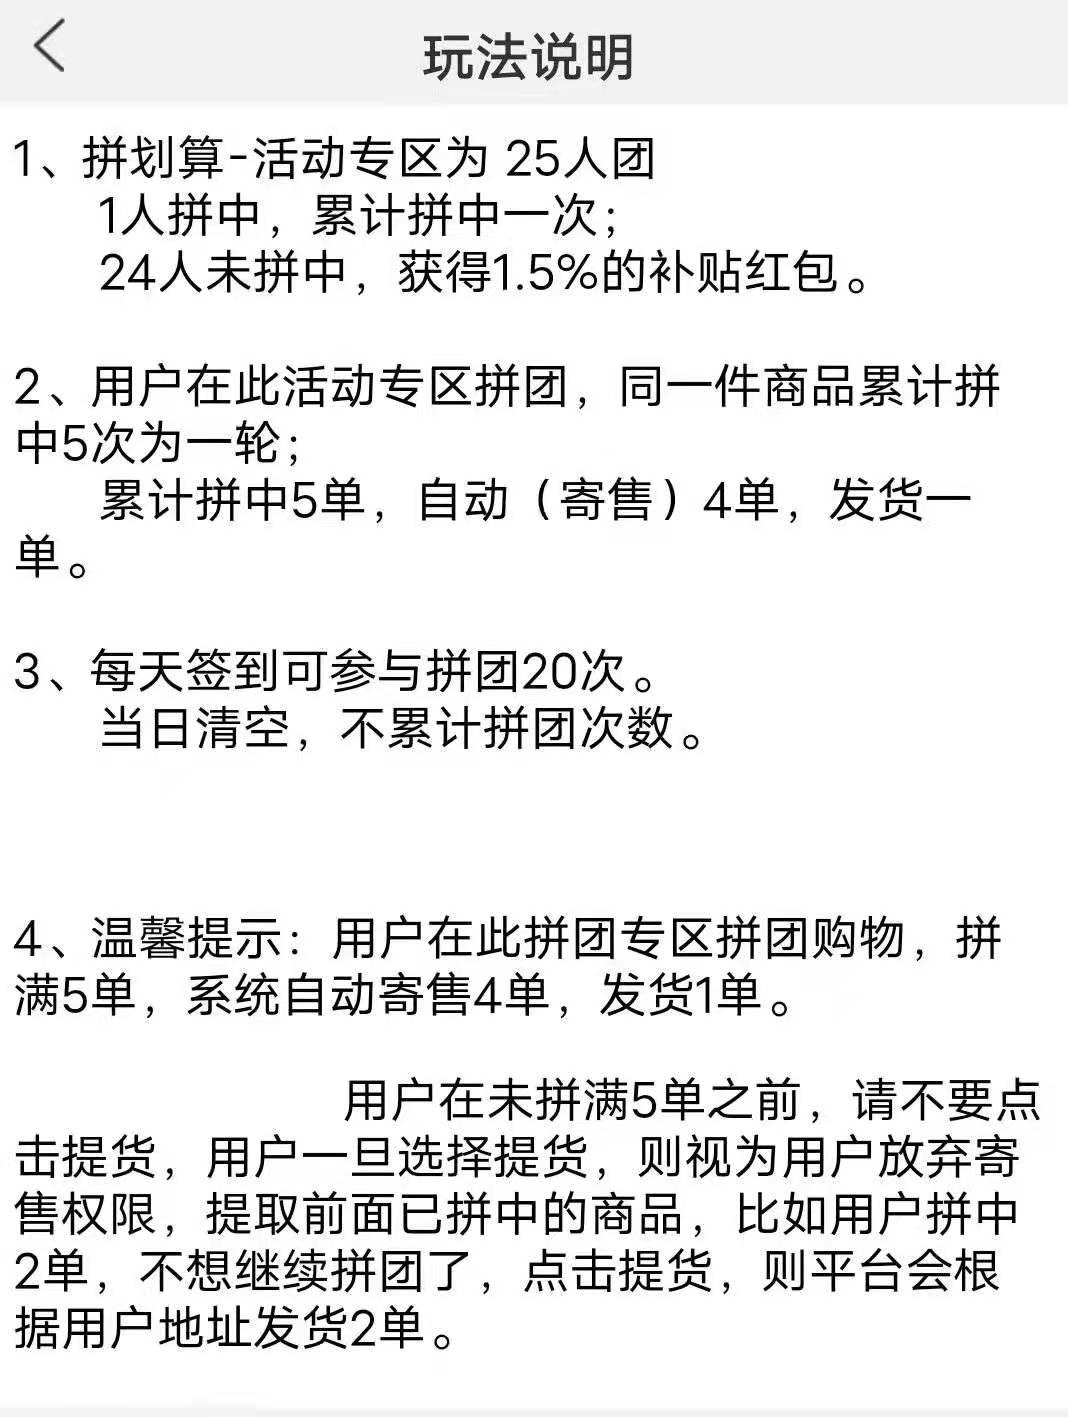 图片[5]-To拼拼团,内测上线,无限代扶持100-首码社